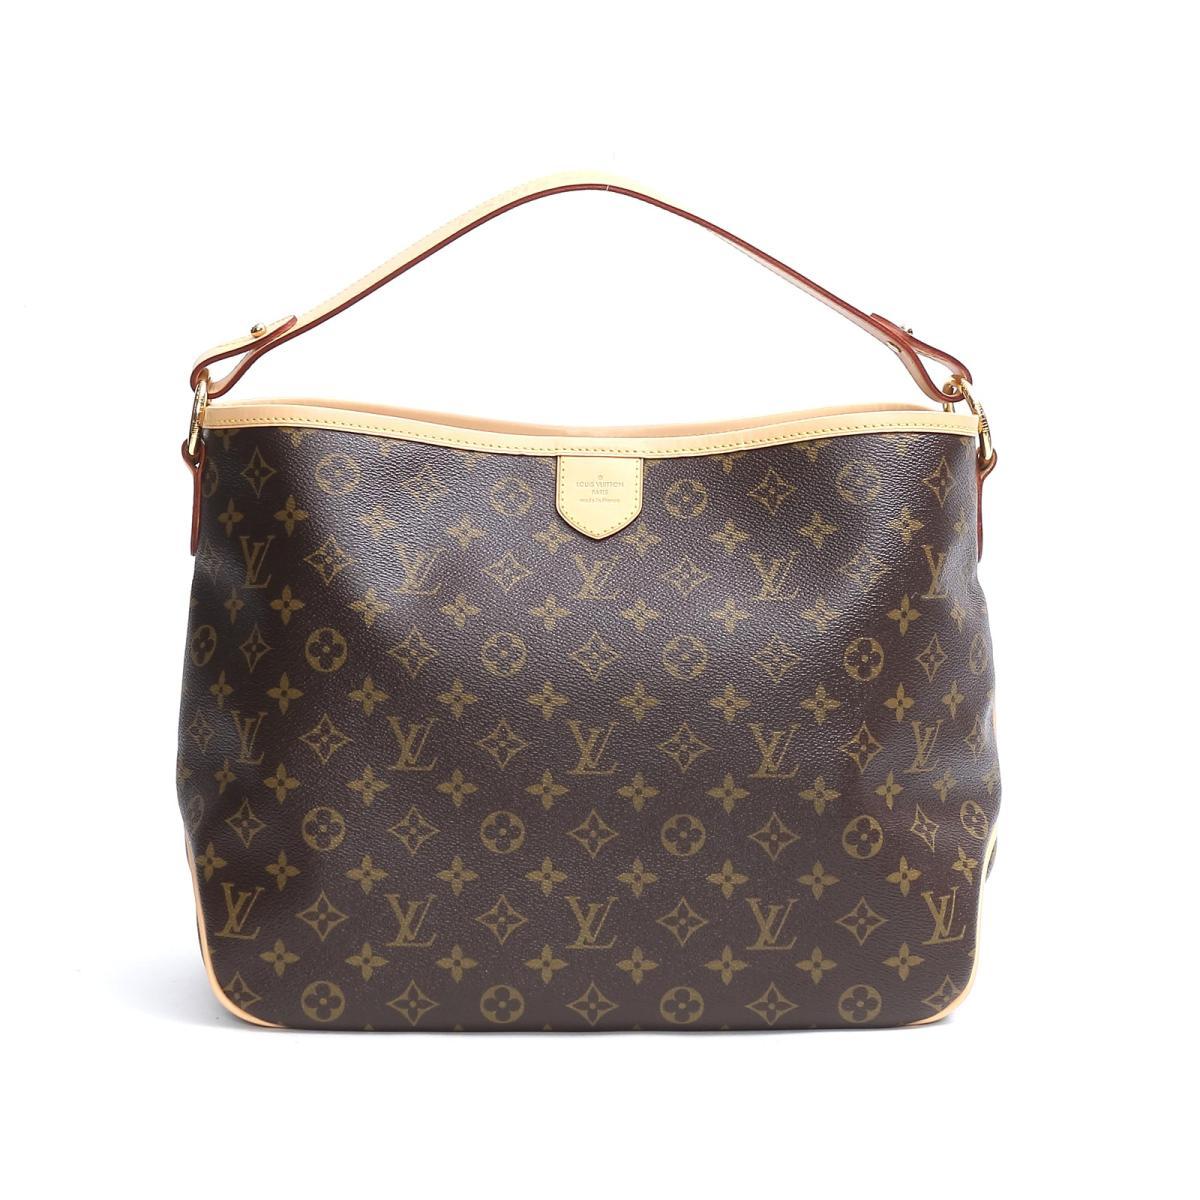 Authentic LOUIS VUITTON Delightful PM One Shoulder Bag Monogram Canvas  M50155 e6736e91a8bcf